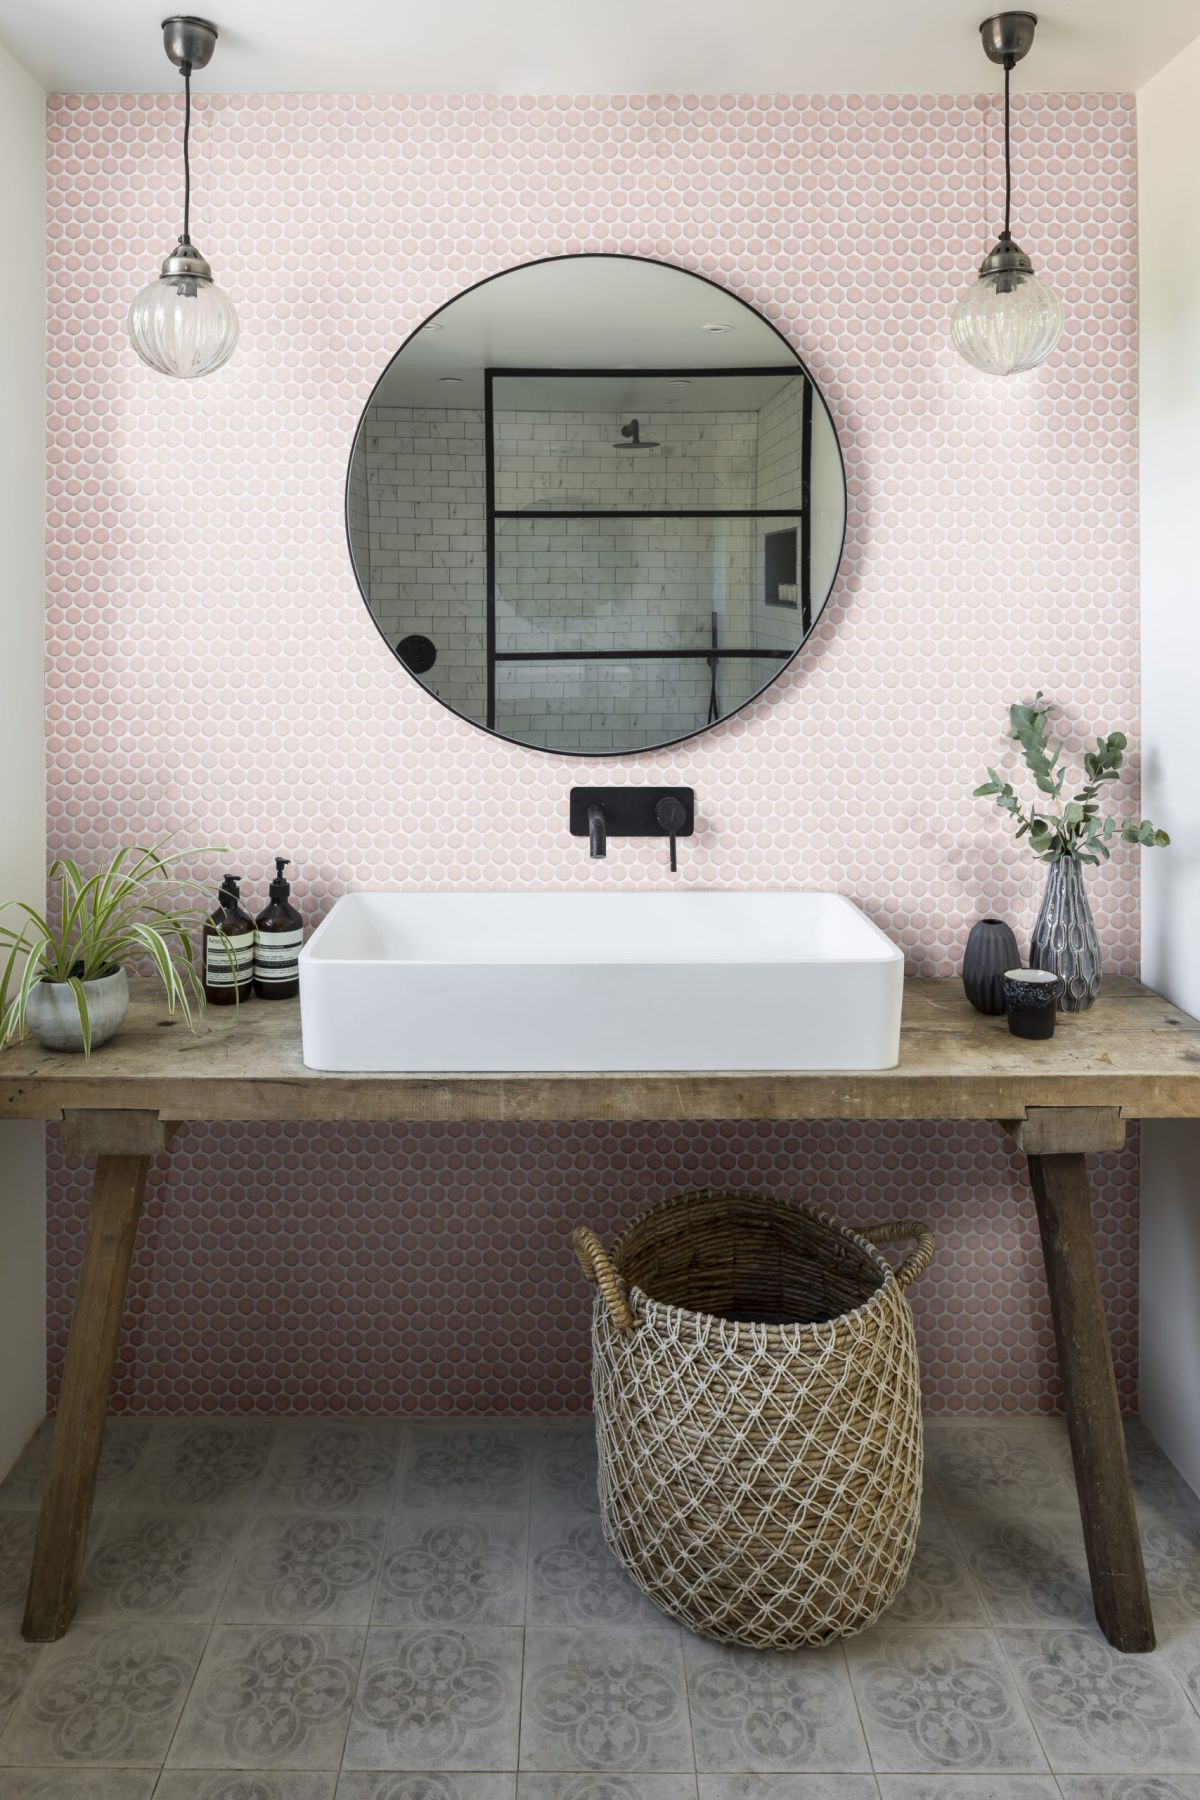 Bathroom tile ideas for a small bathroom